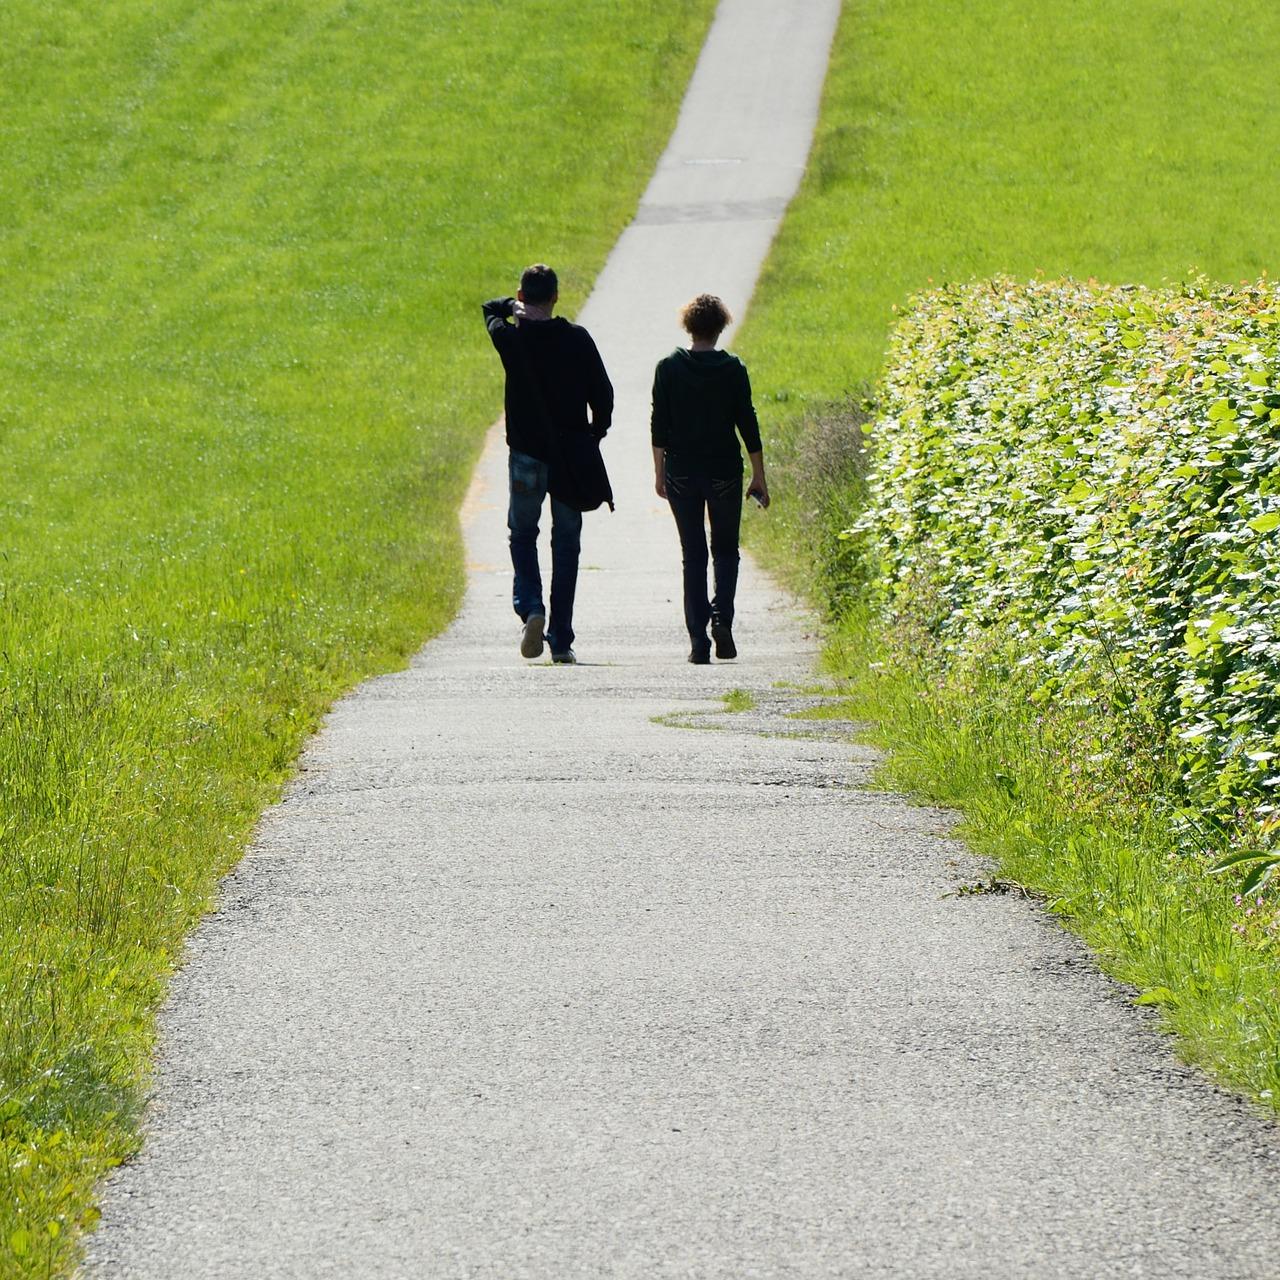 Meetings im Gehen - Spaziergang als Alternative zum Besprechungsraum